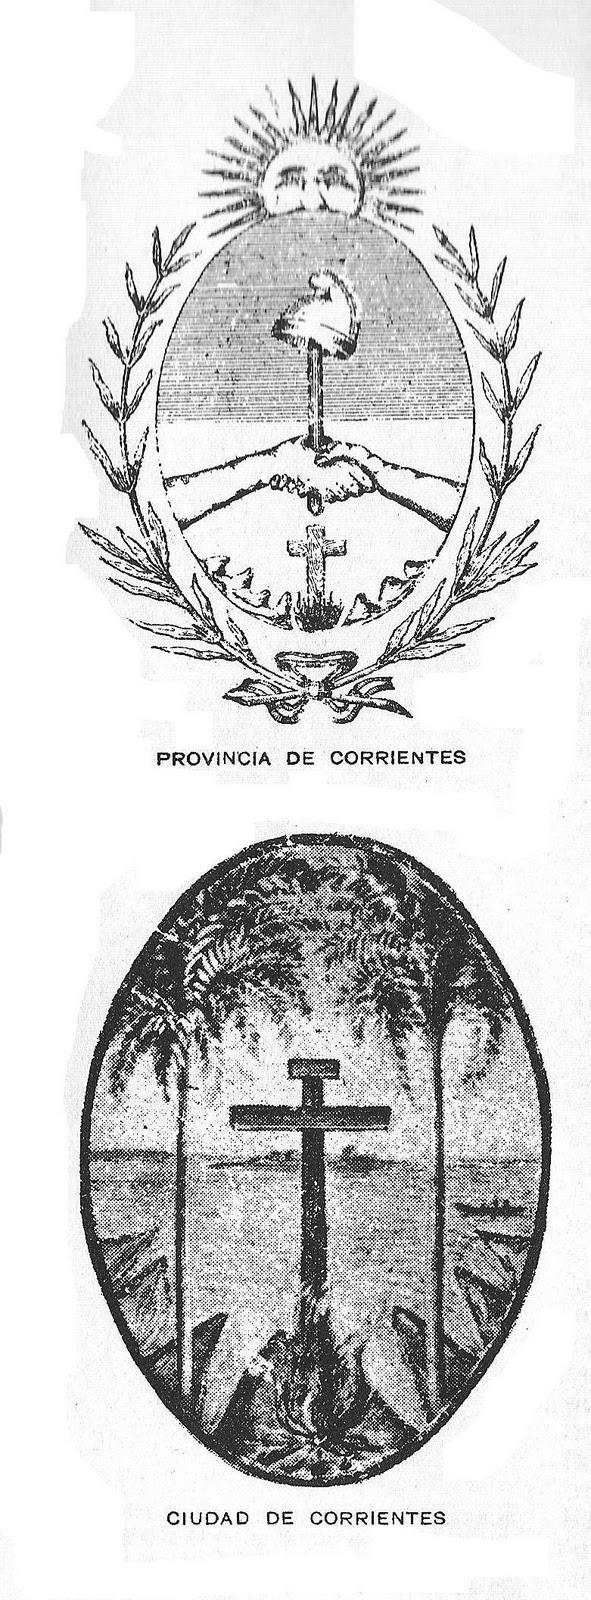 Heráldica en la Argentina: Escudo de Corrientes